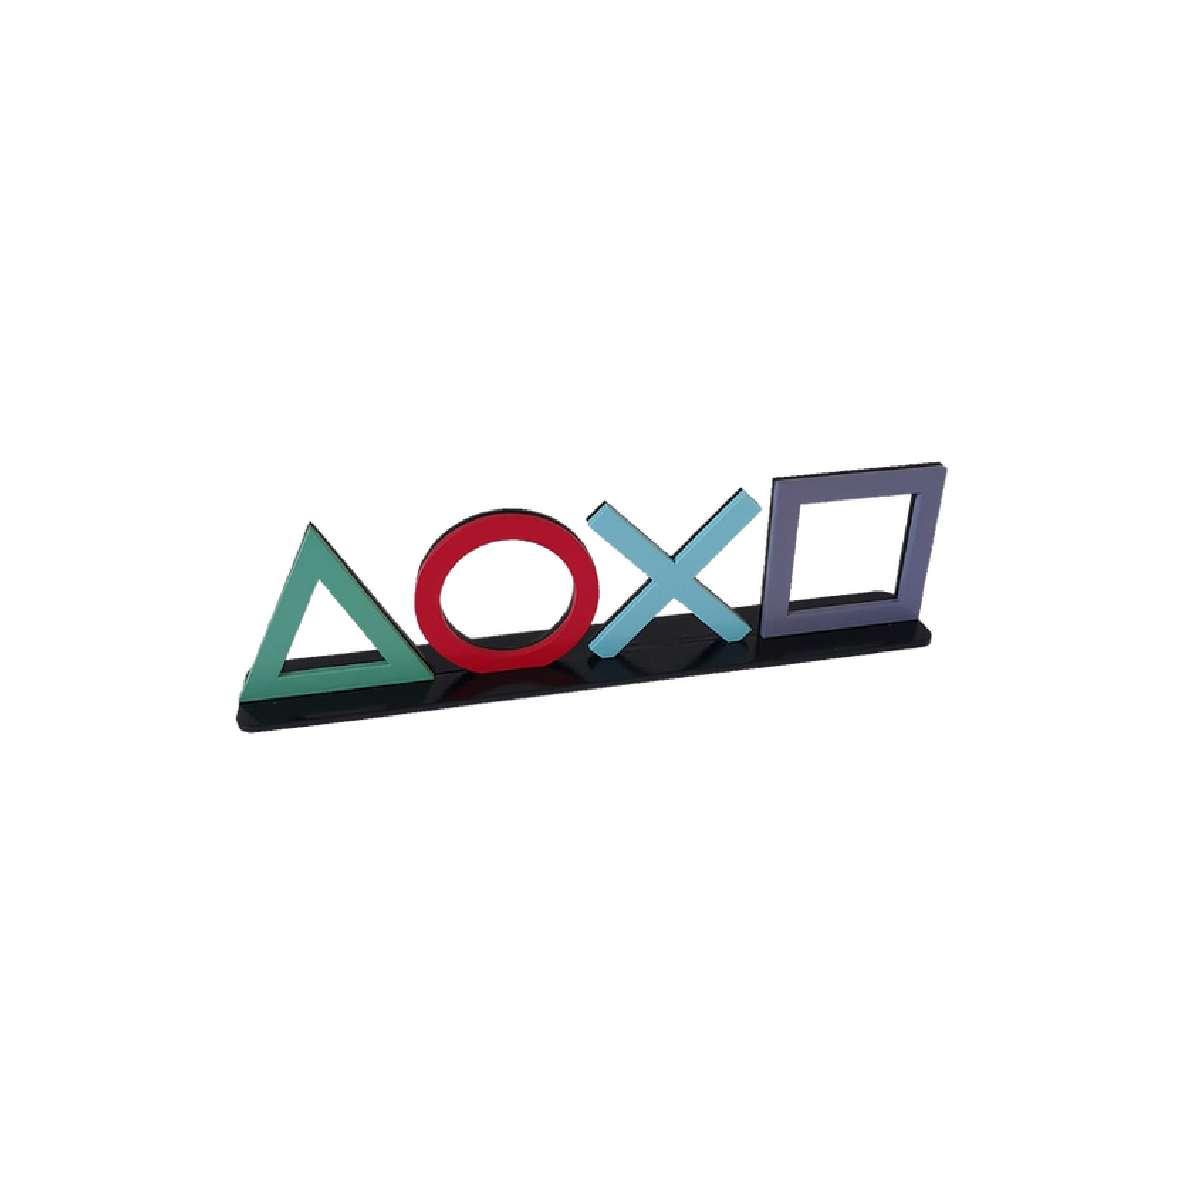 Enfeite Decorativo de Mesa Playstation Símbolo Botões em MDF